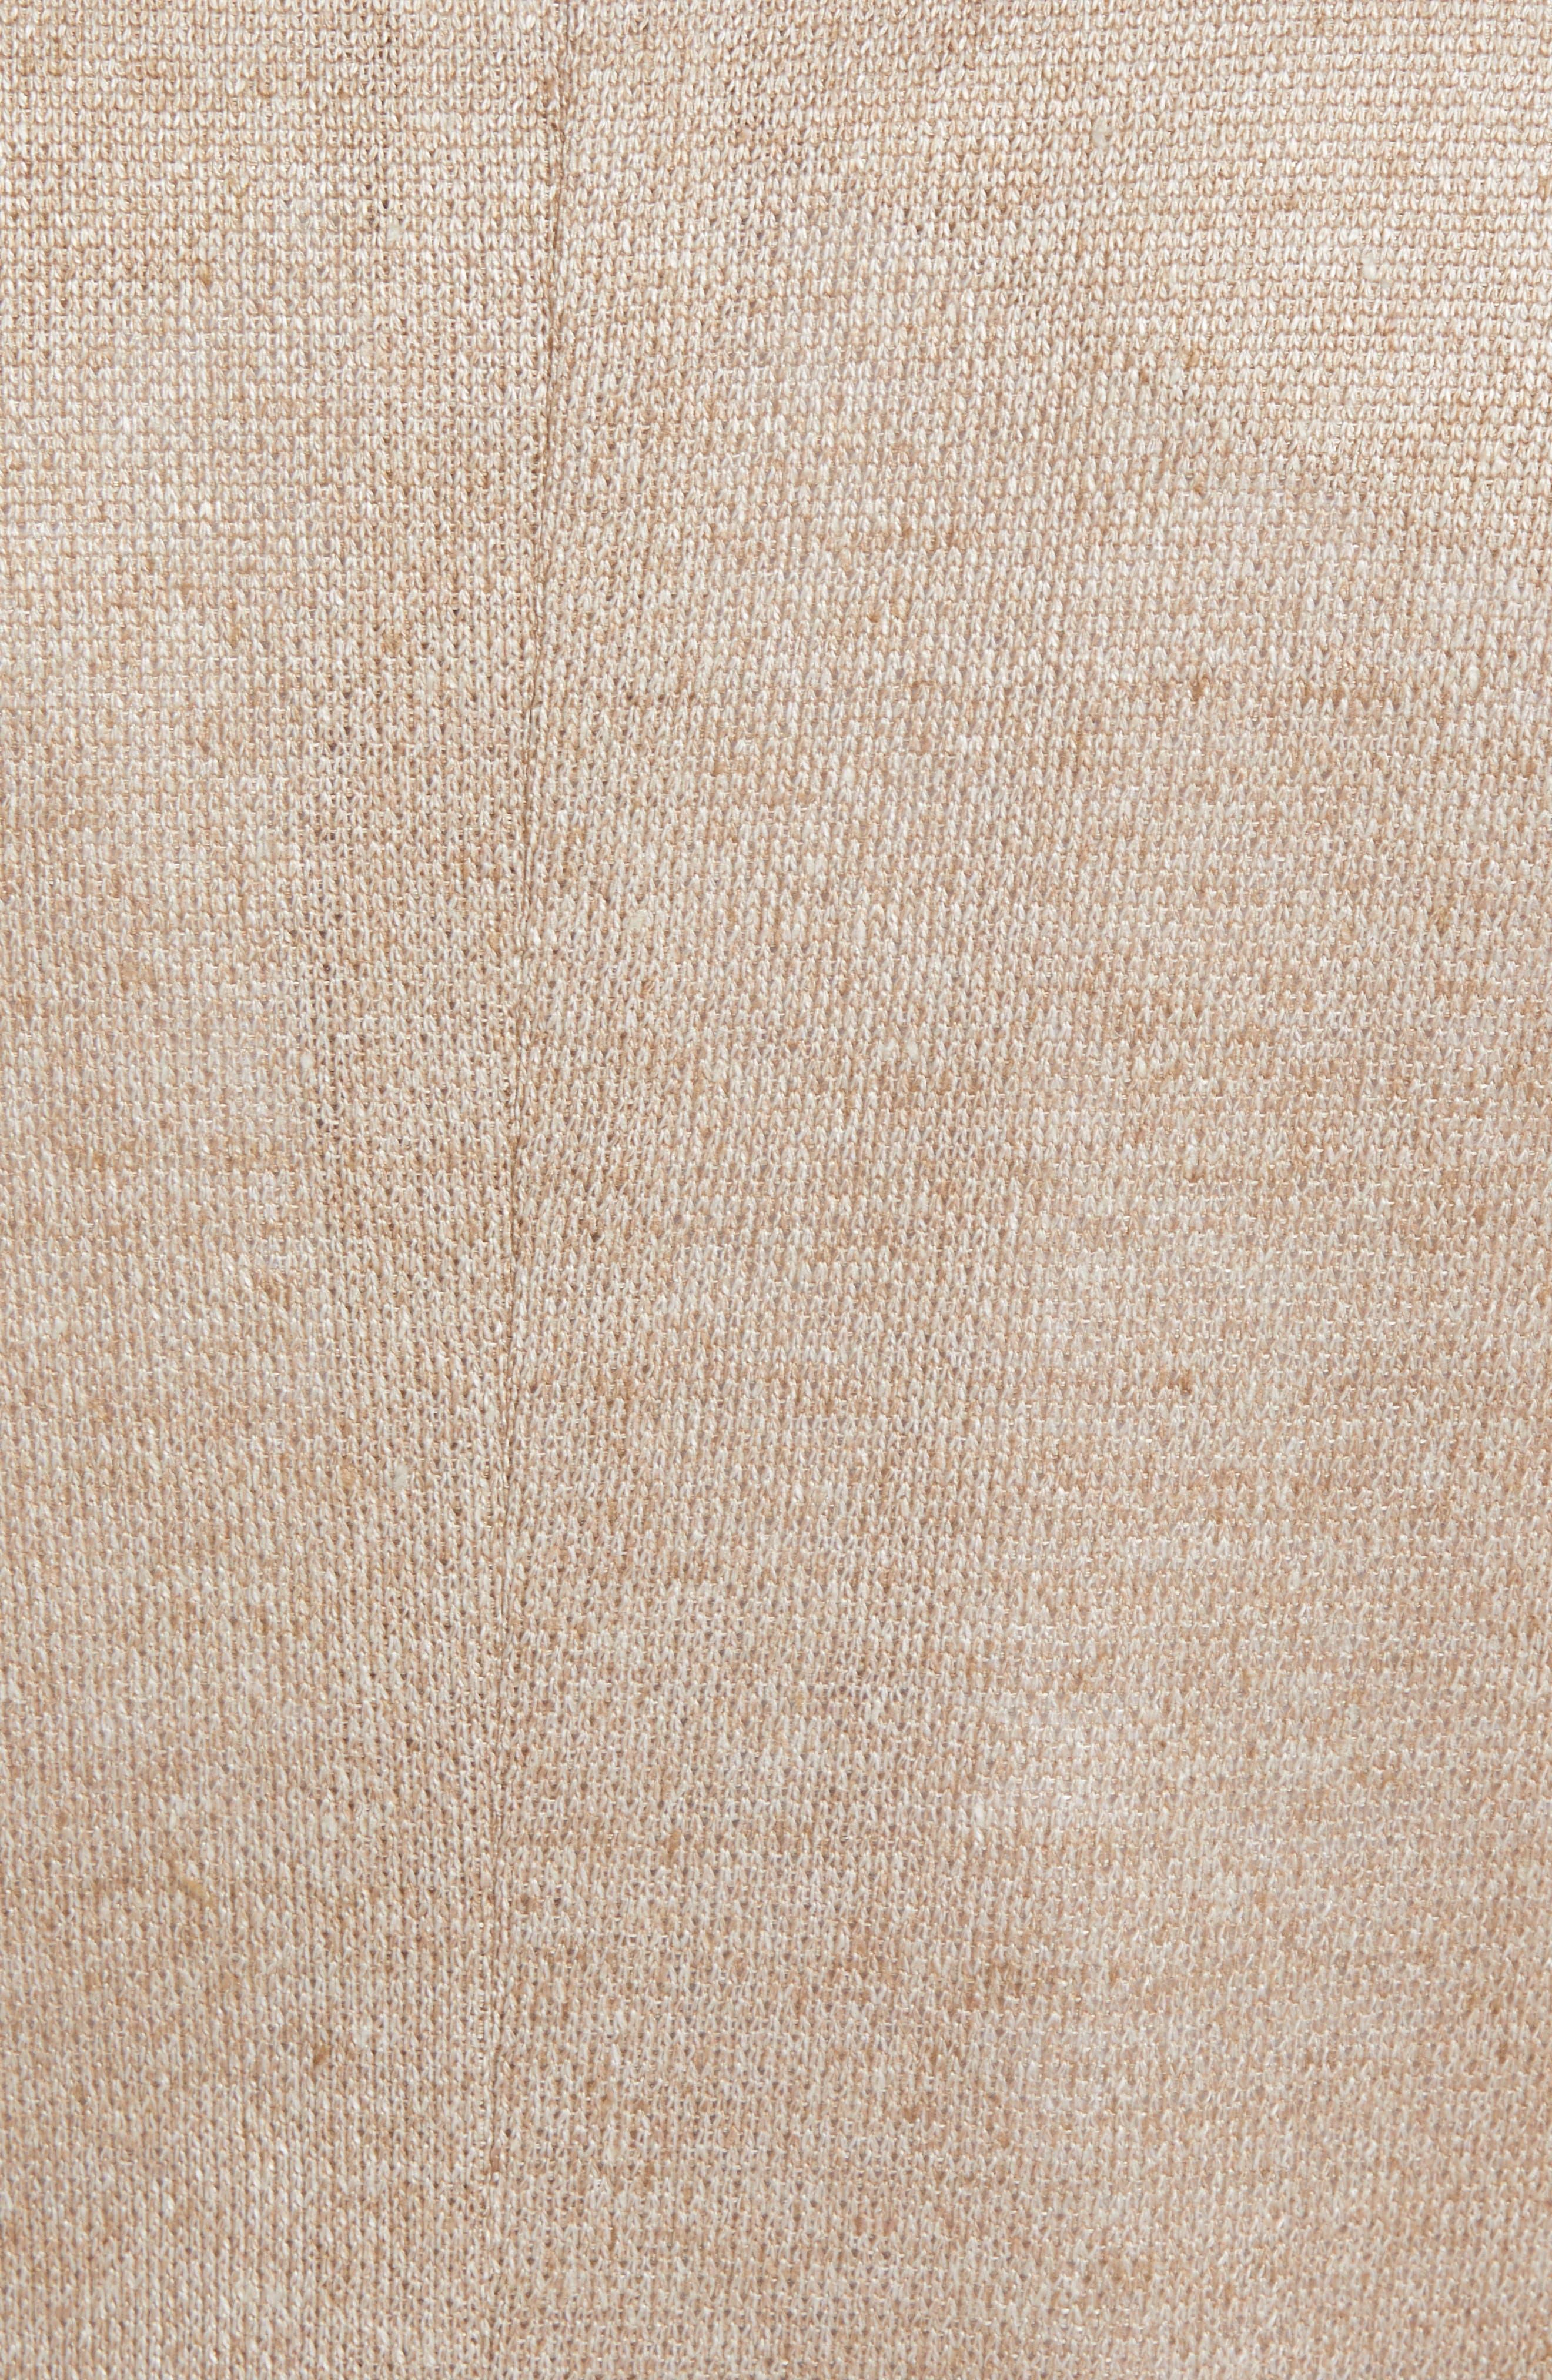 Trim Fit Linen Sport Coat,                             Alternate thumbnail 6, color,                             OATMEAL